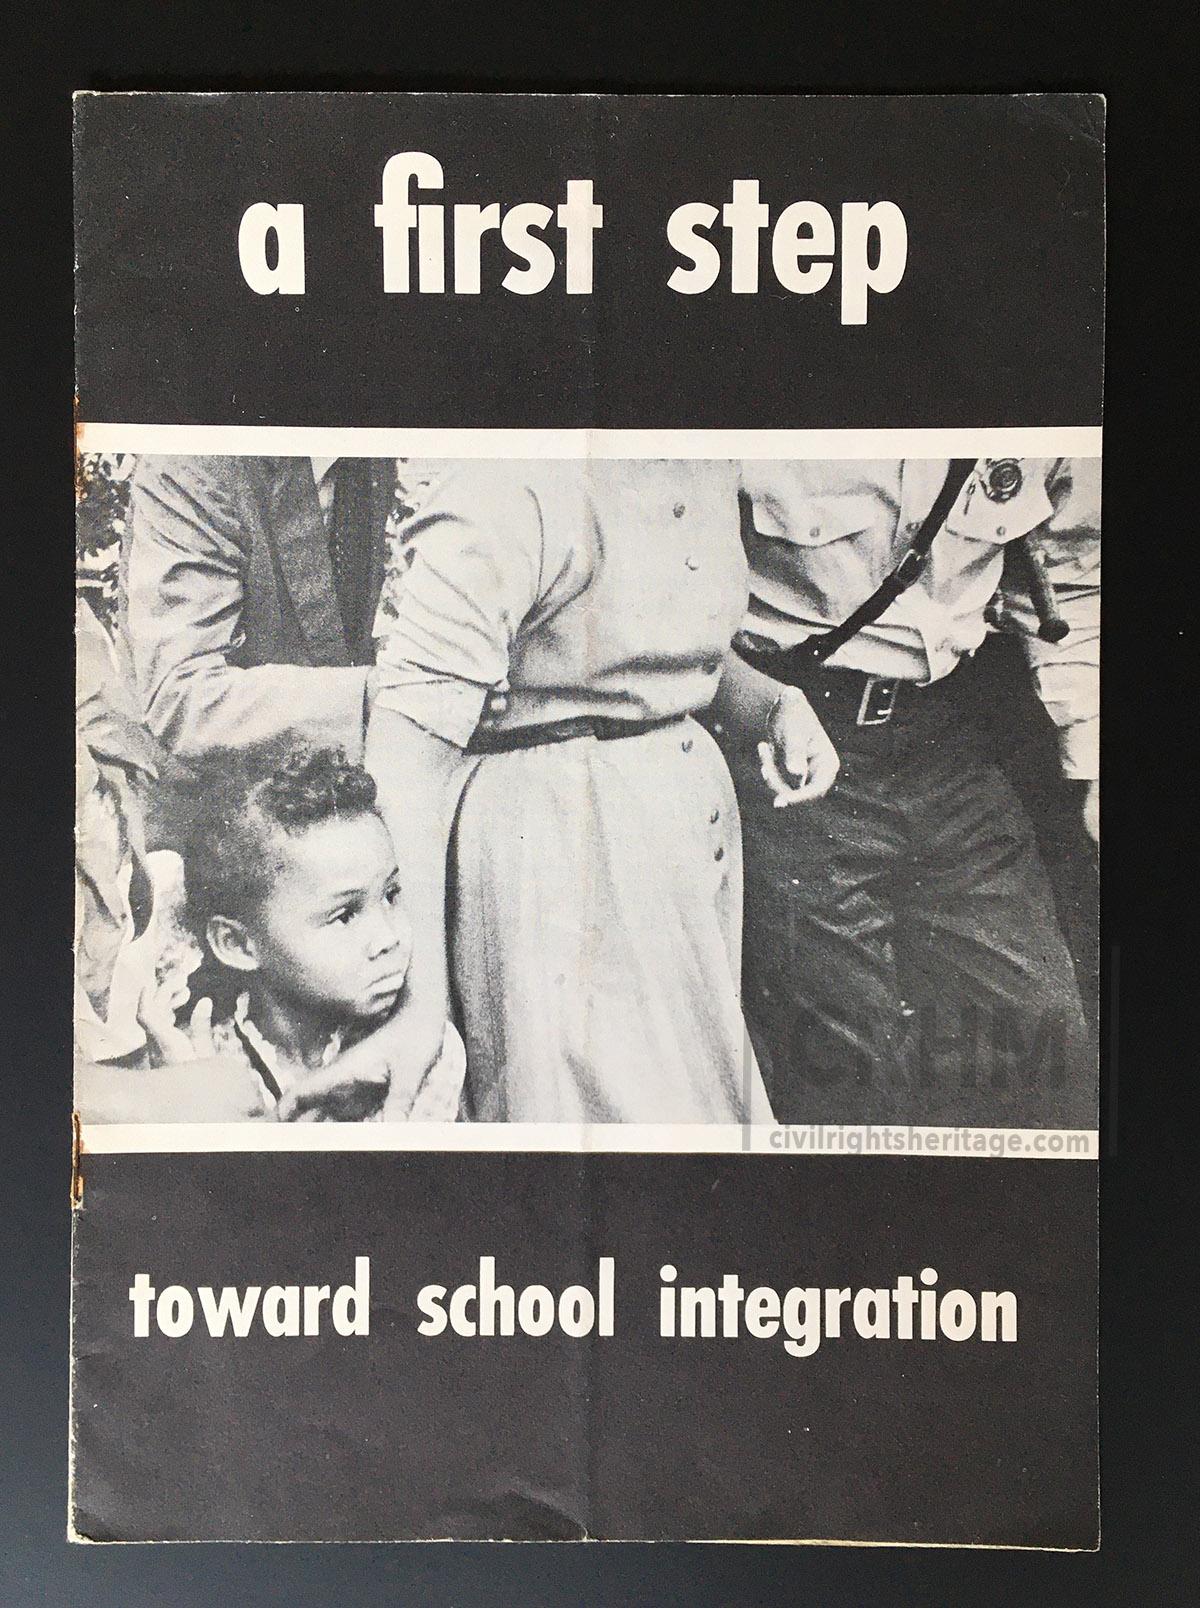 integration-pamphlet-CORE-1-WM